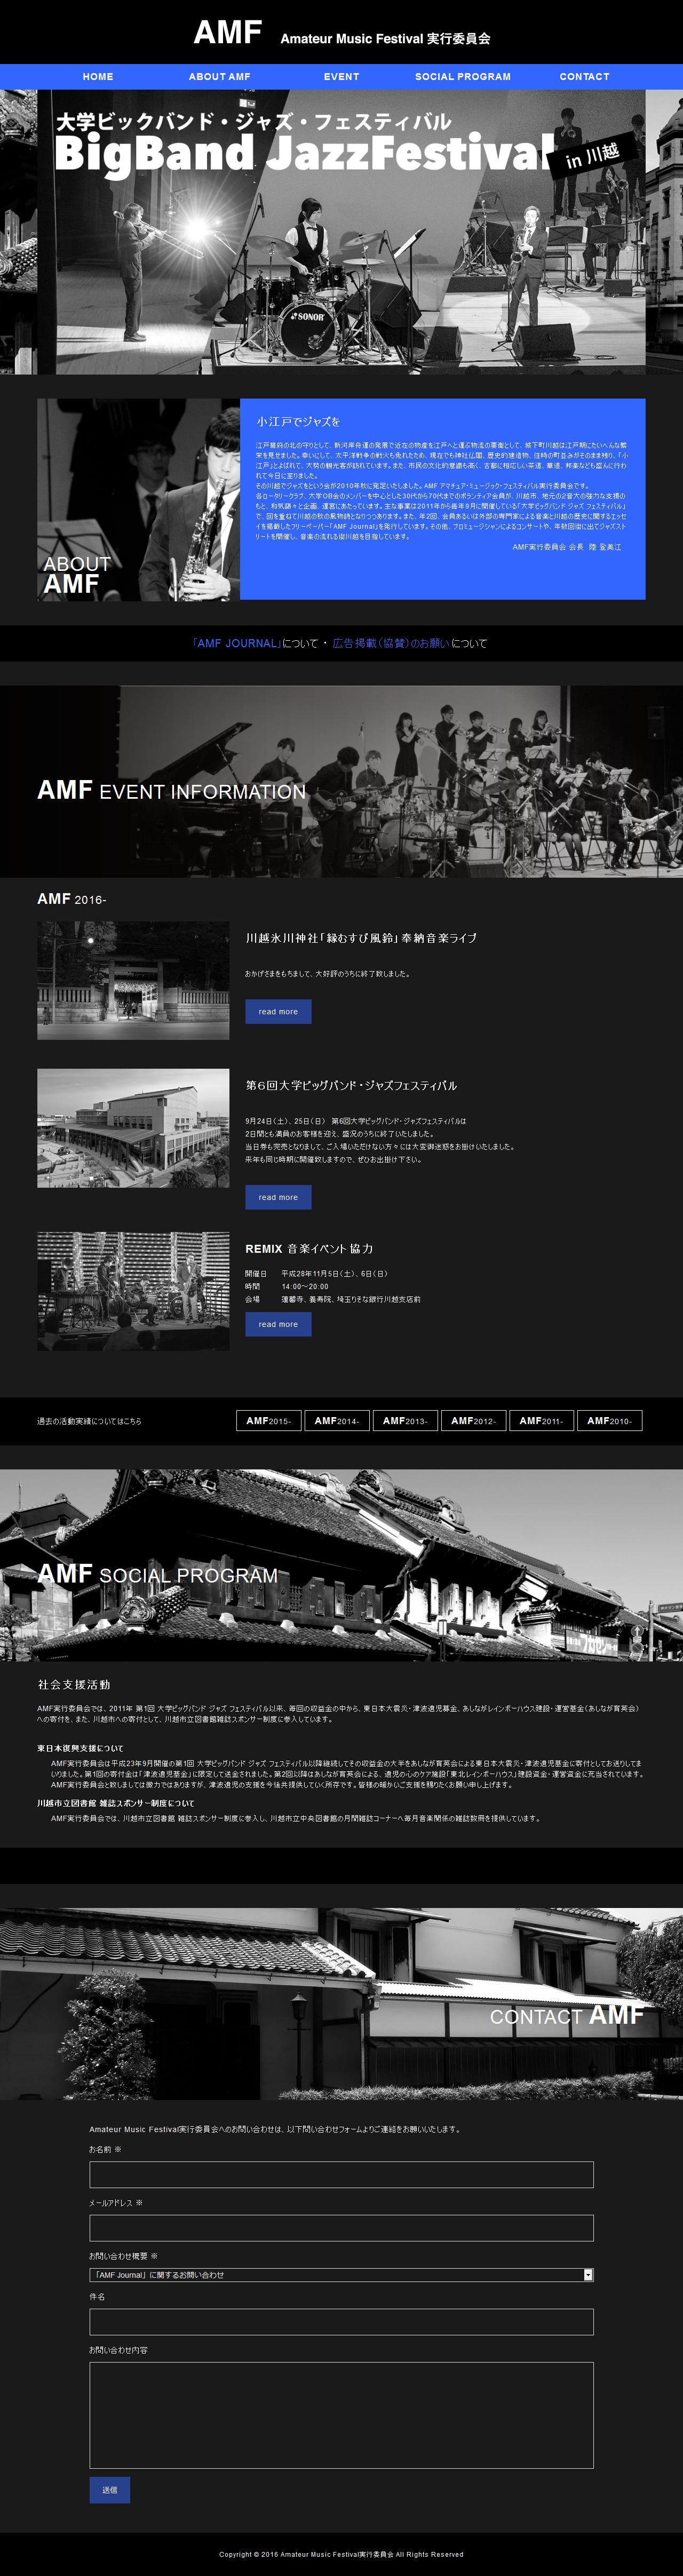 アマチュアミュージックフェスティバル実行委員会様公式ホームページ_PC表示